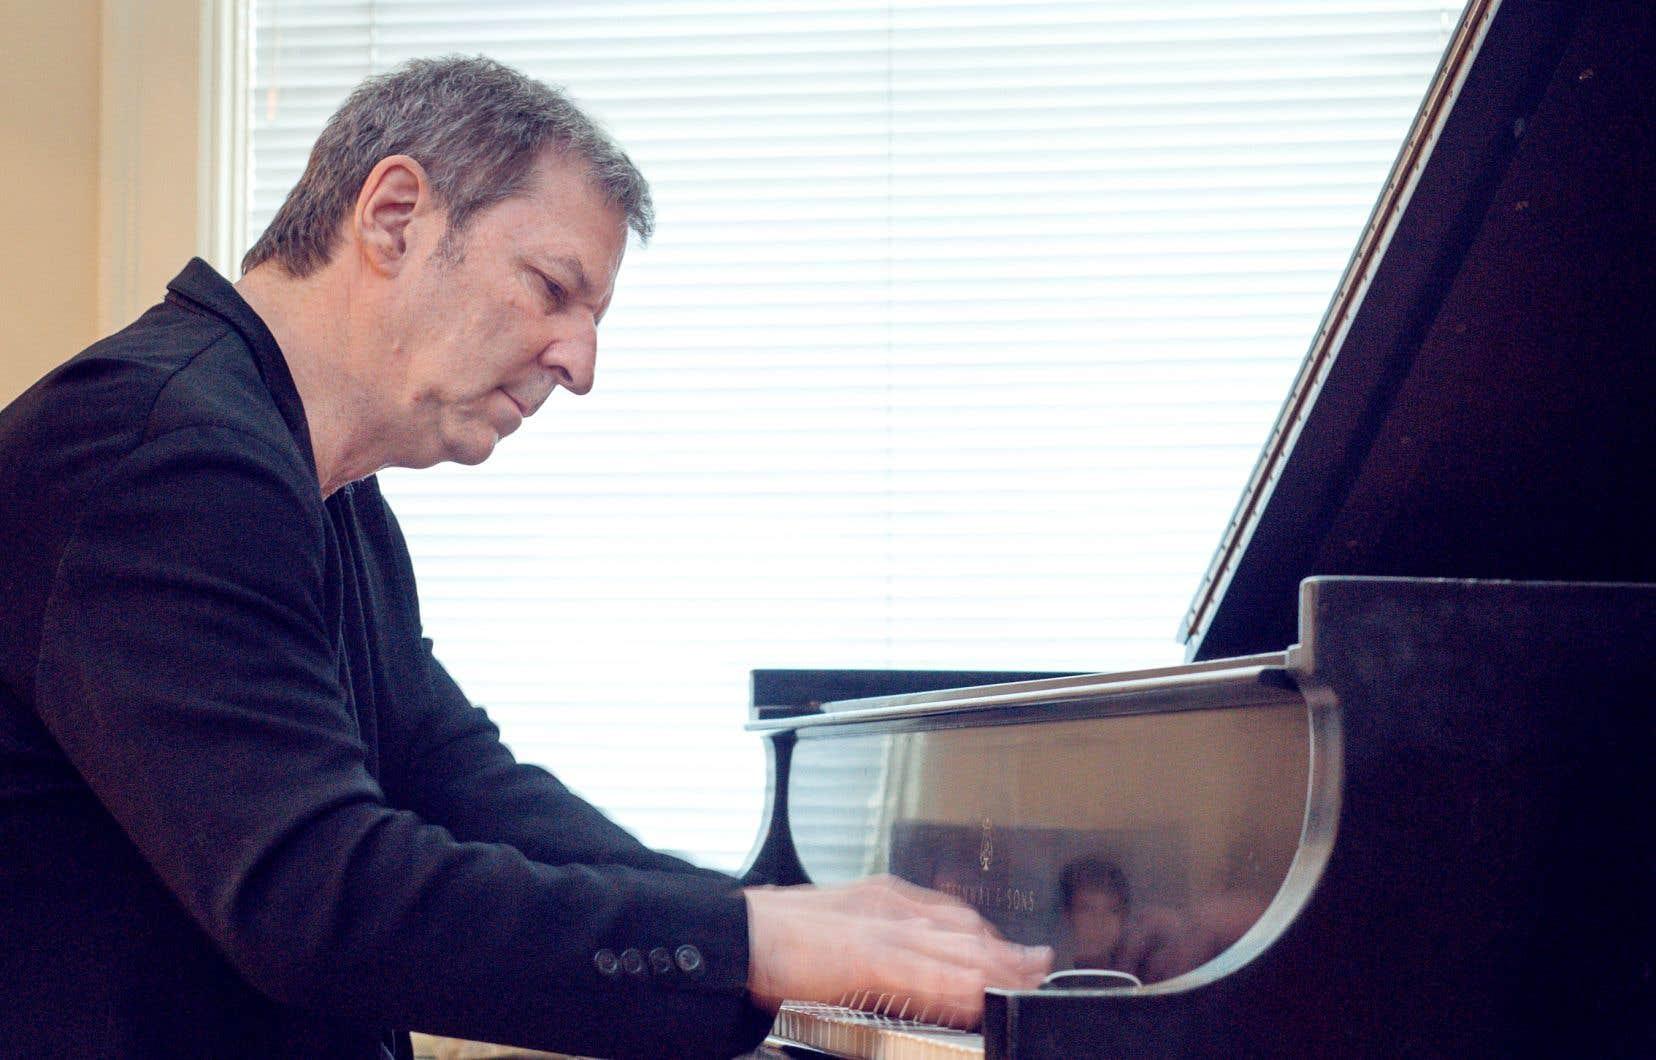 Les fans de François Bourassa reconnaîtront dans ce nouvel album le même appétit du compositeur pour les musiques classiques et contemporaines et pour le jazz exploratoire, «mais c'est sûr qu'en solo, le résultat est beaucoup plus intimiste», s'avance-t-il.